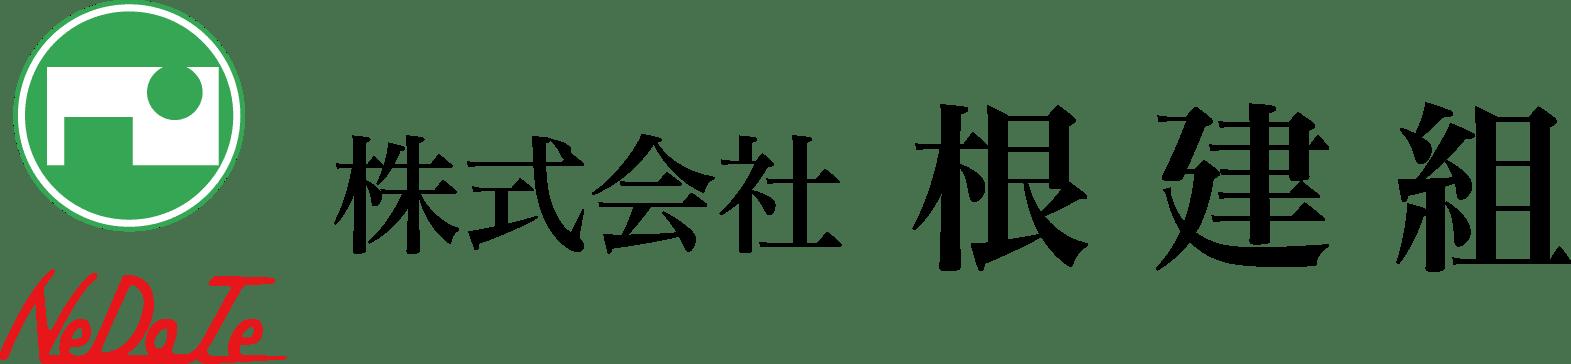 株式会社根建組 土木工事一式 都市土木 宅地造成 ゴルフ場工事 大阪府東大阪市